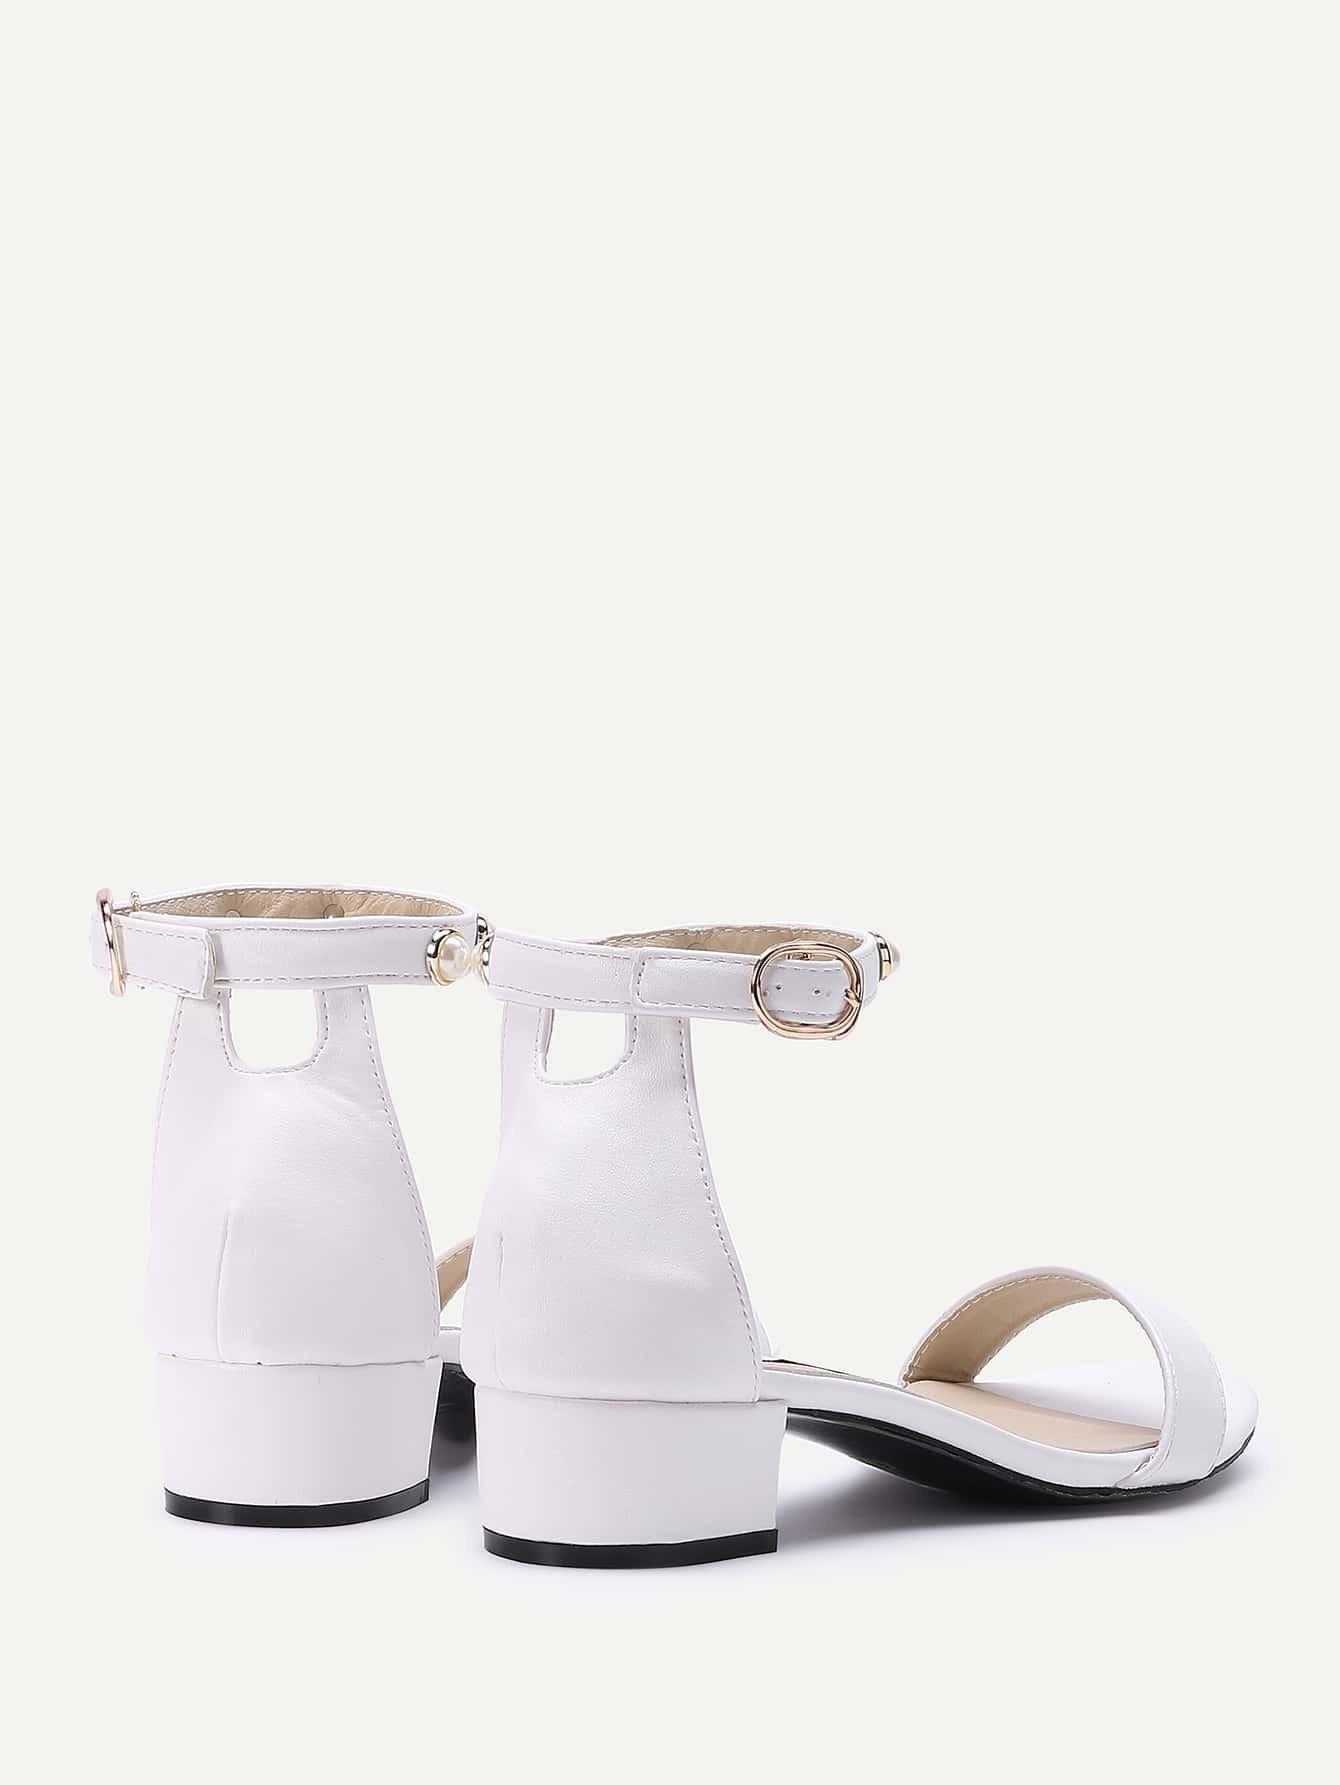 shoes170425812_2